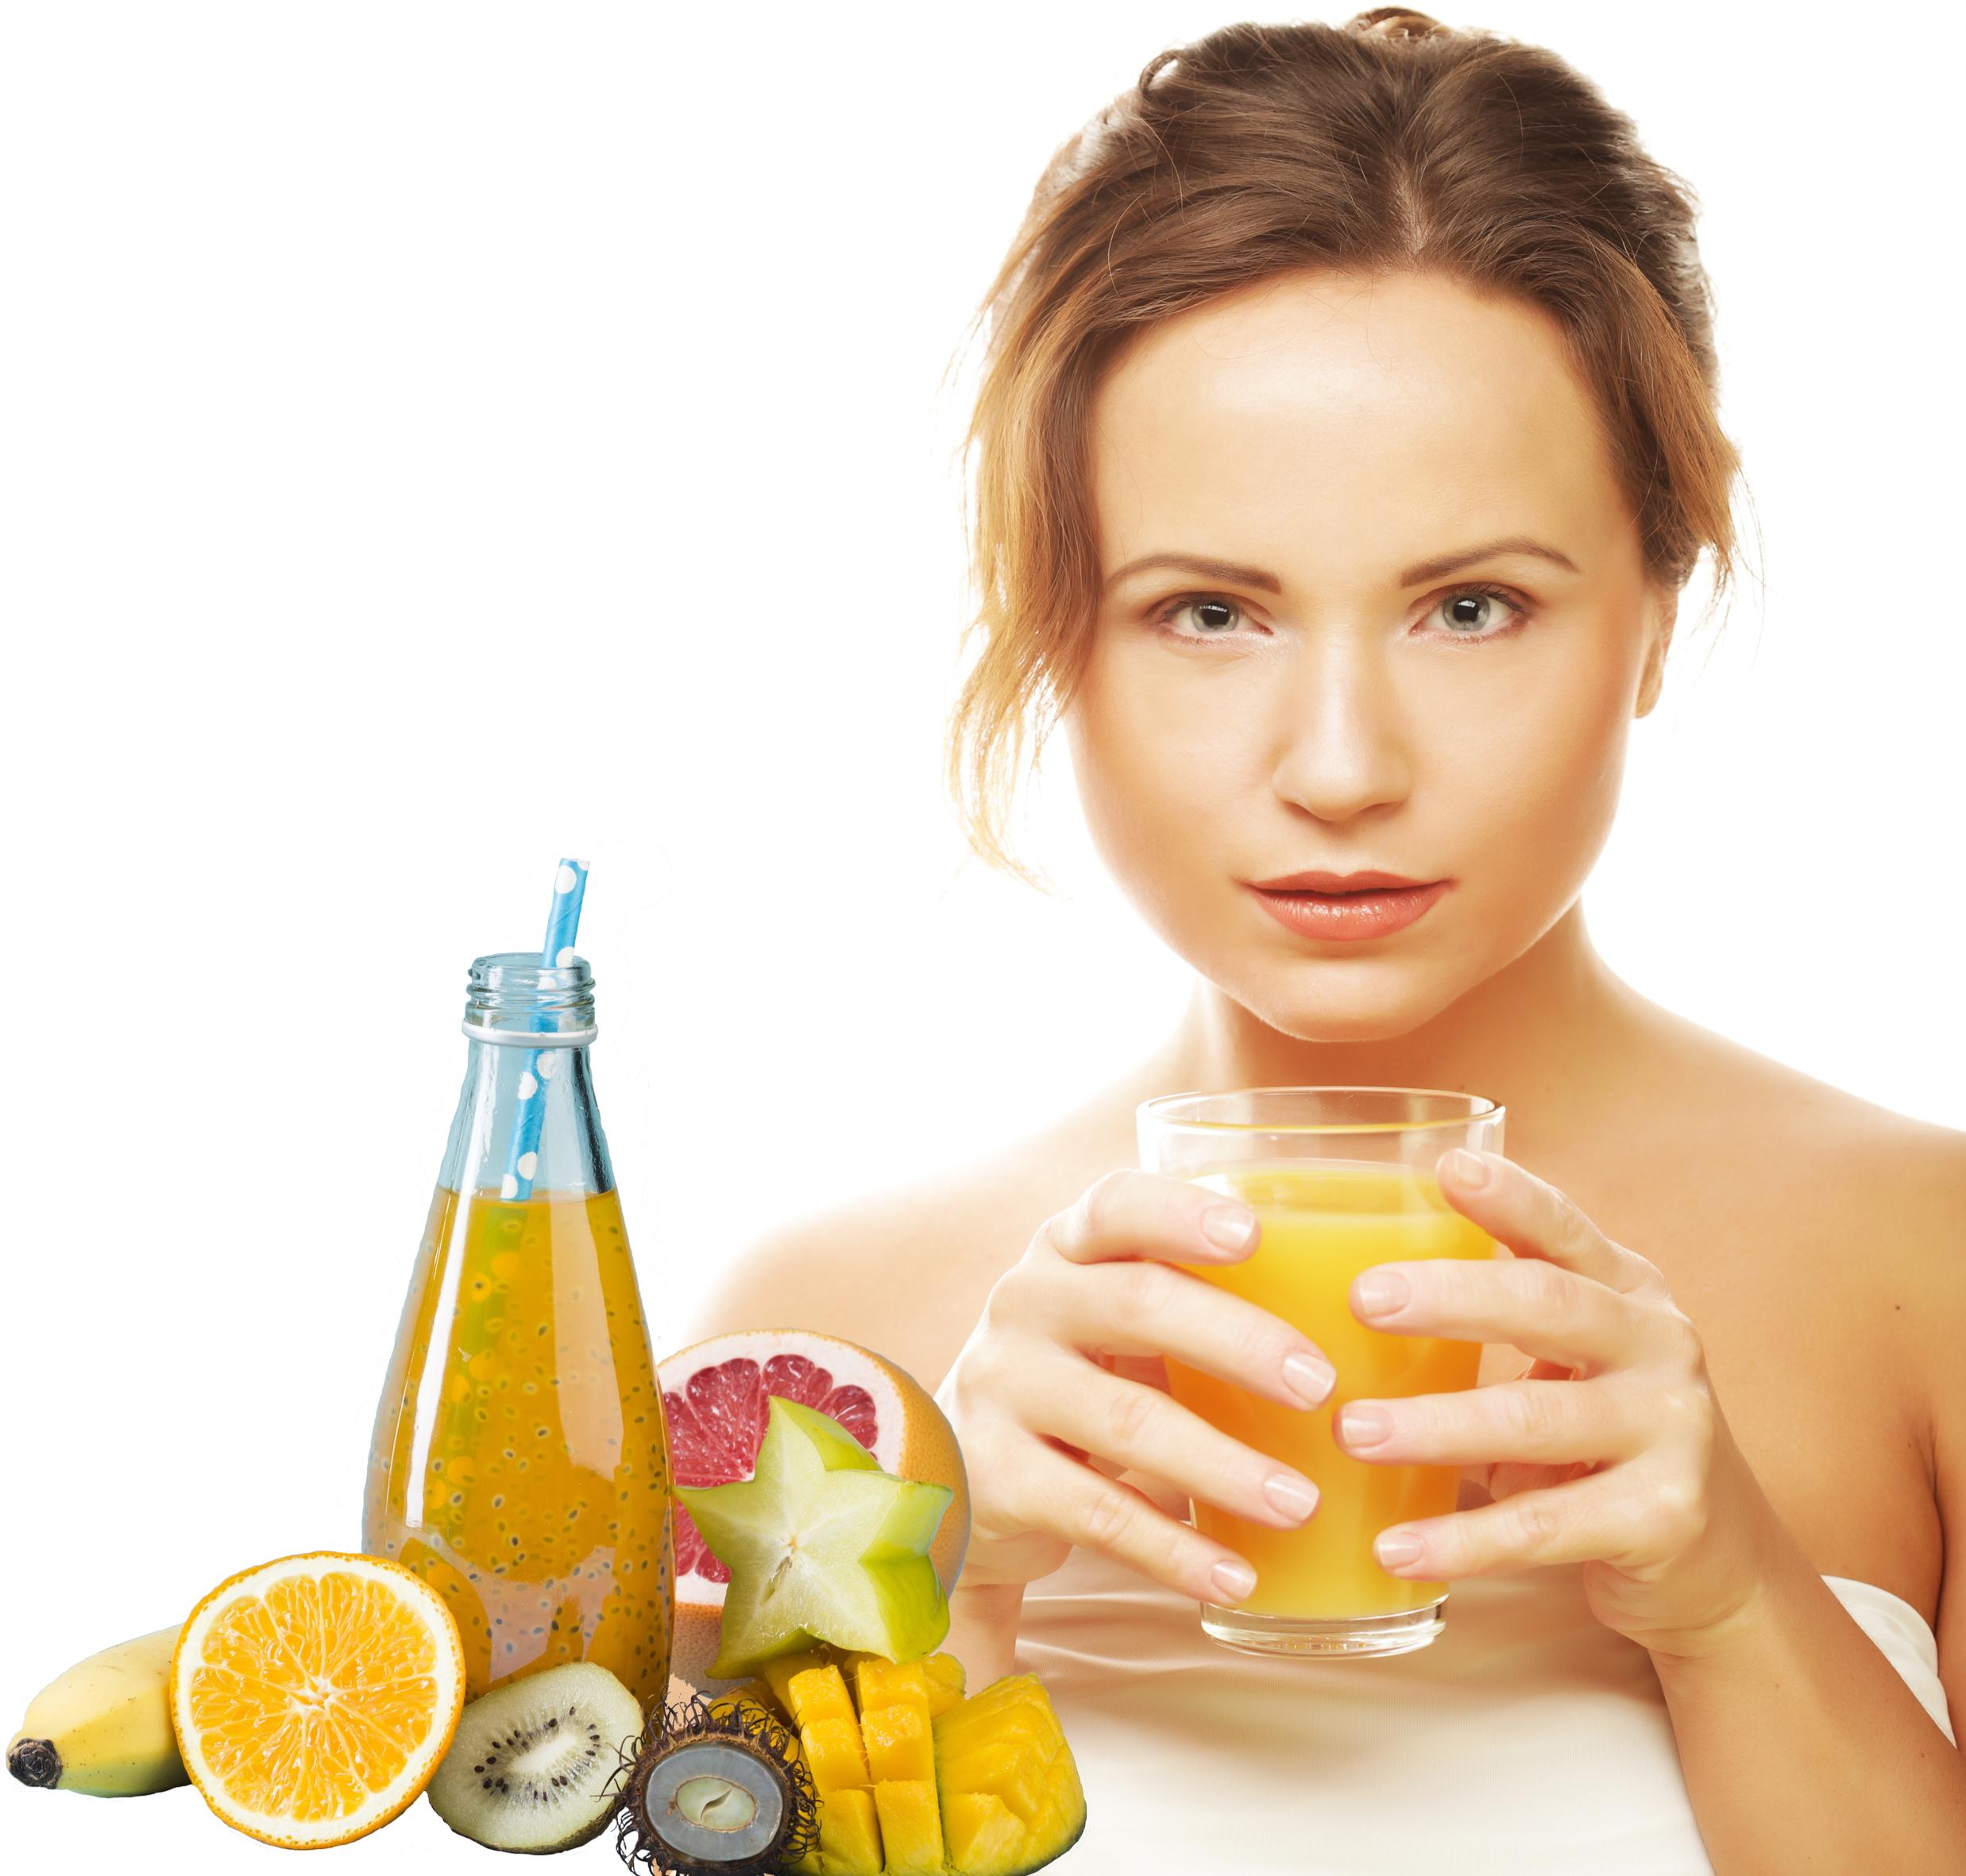 woman-isolated-shot-drinking-orange-juice